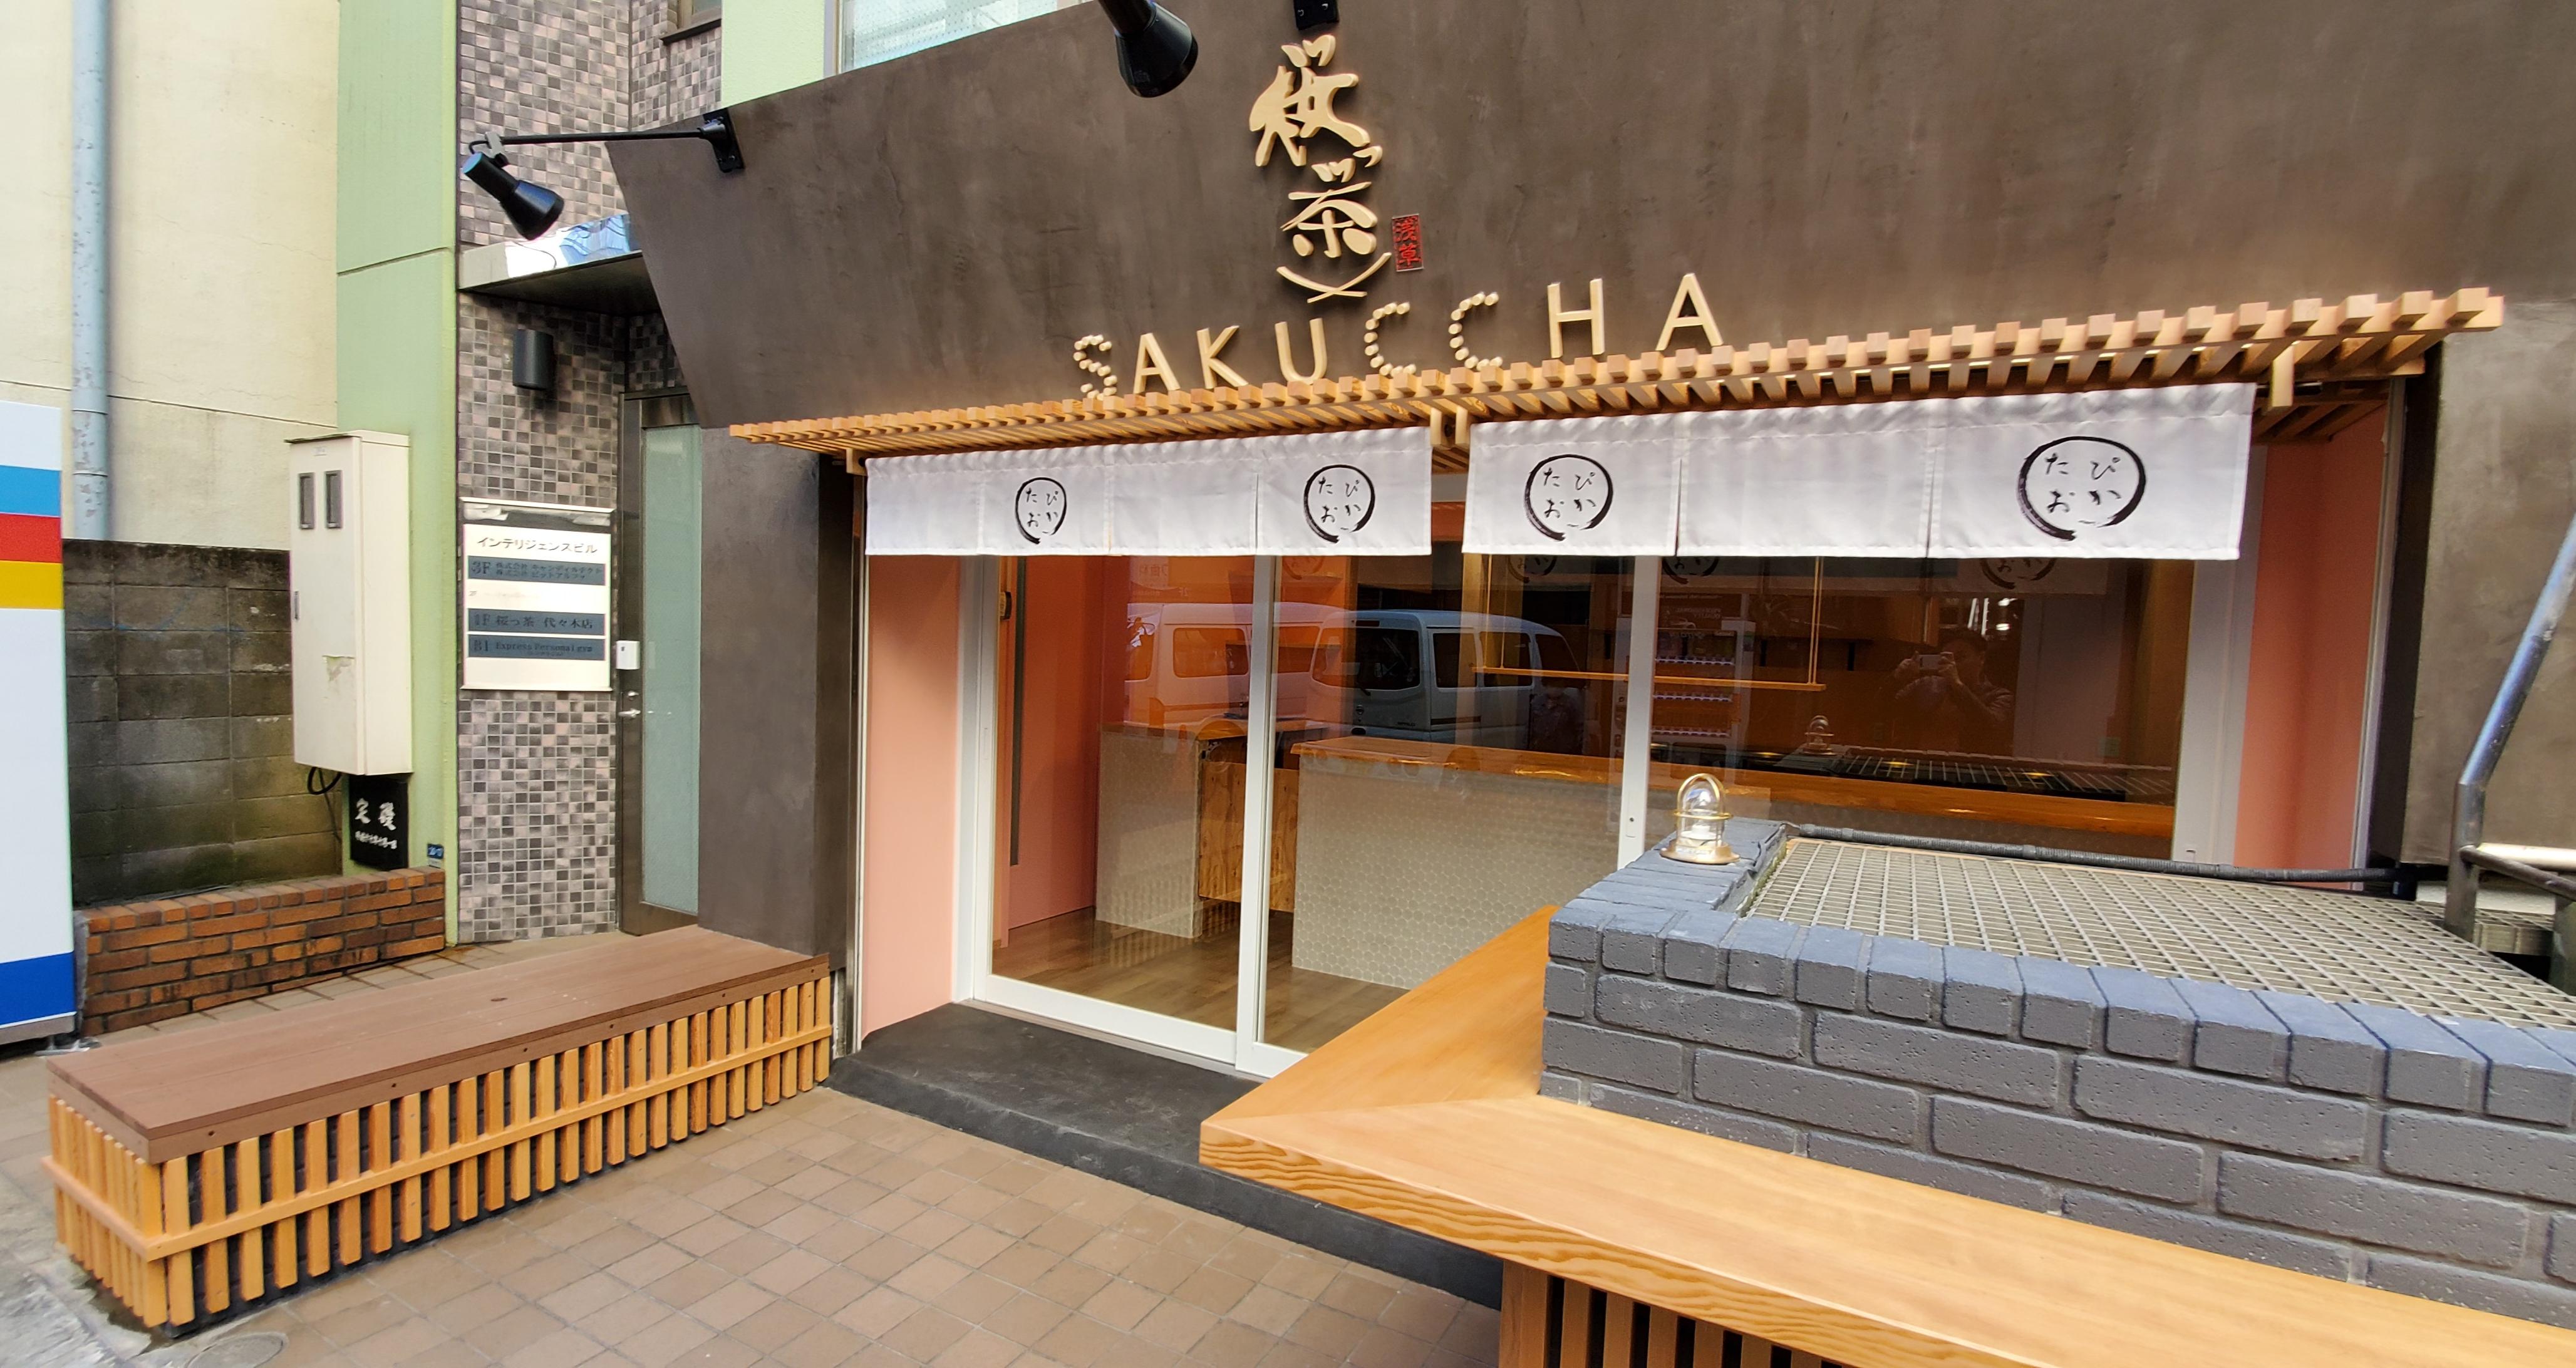 sakuccha yoyogi tokyo